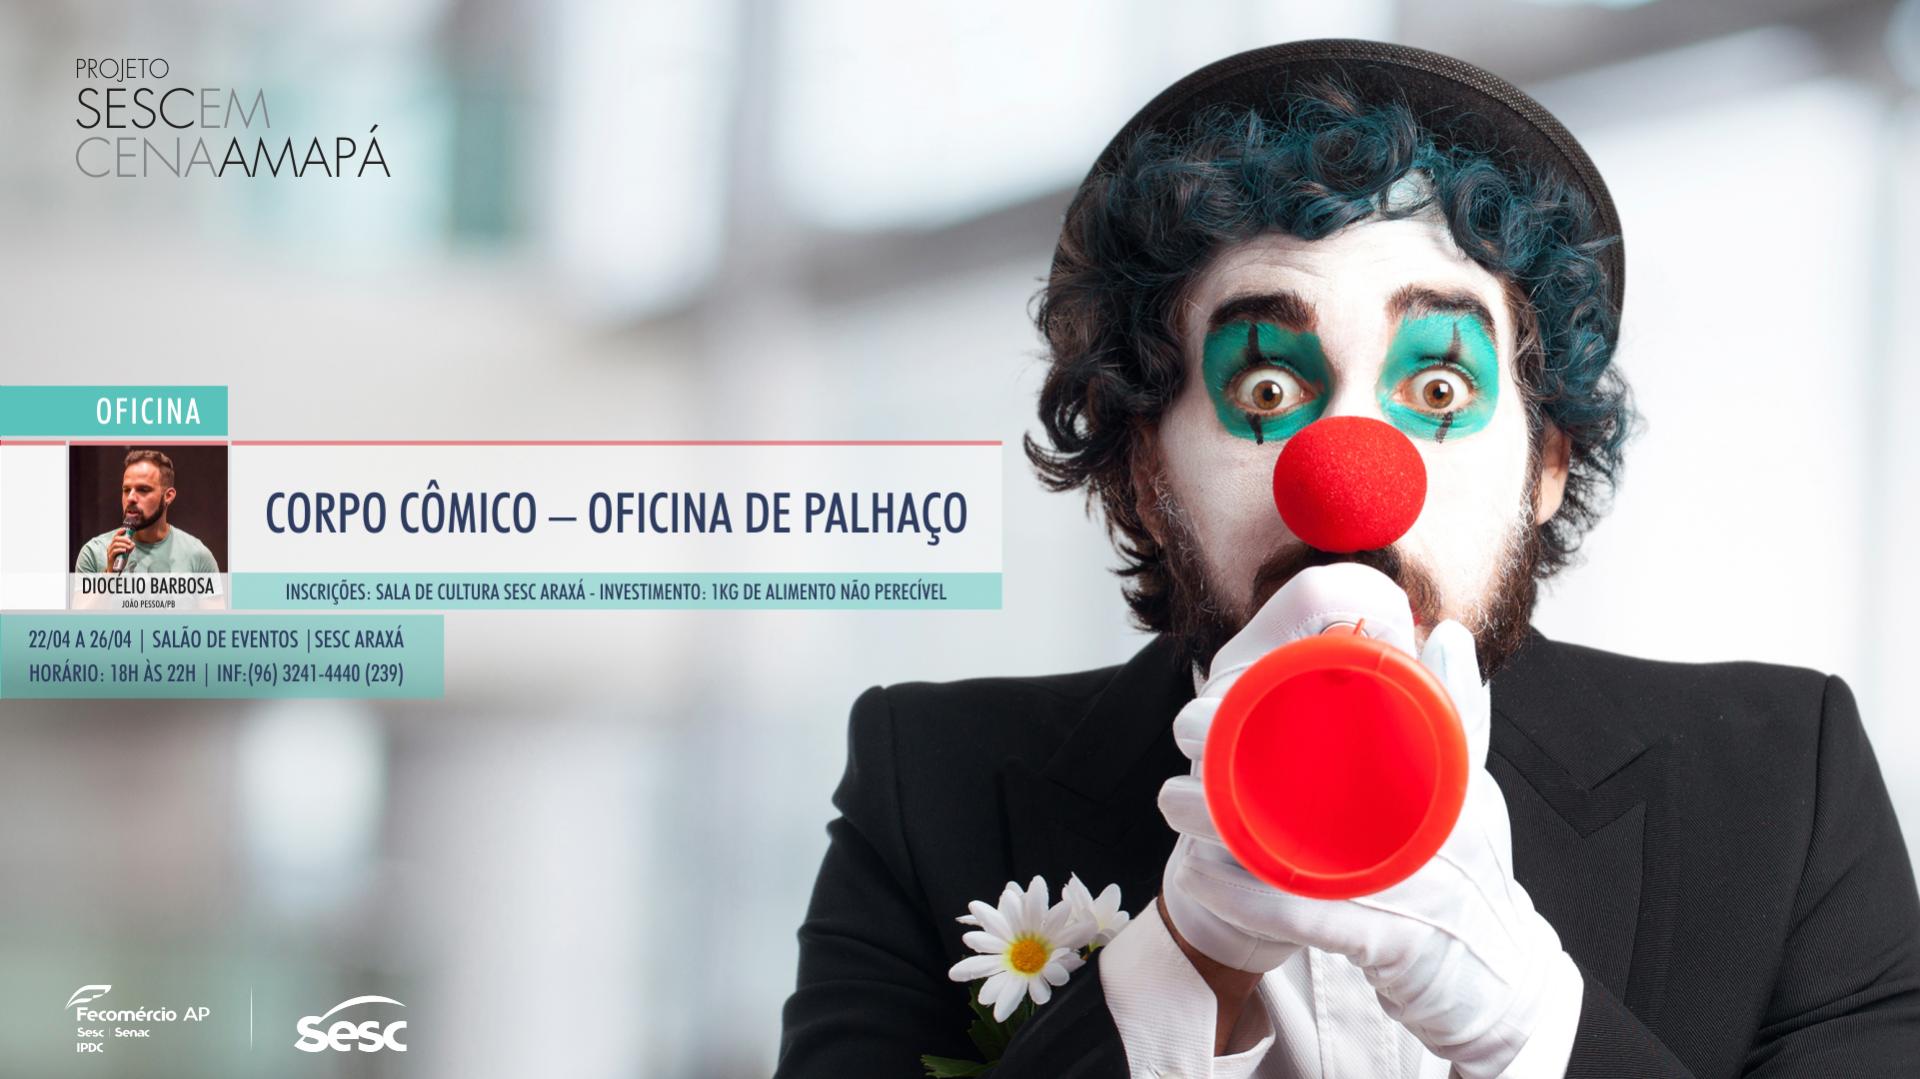 """Projeto Sesc em Cena Amapá realiza a oficina: """"Corpo Cômico – Oficina de Palhaço"""""""